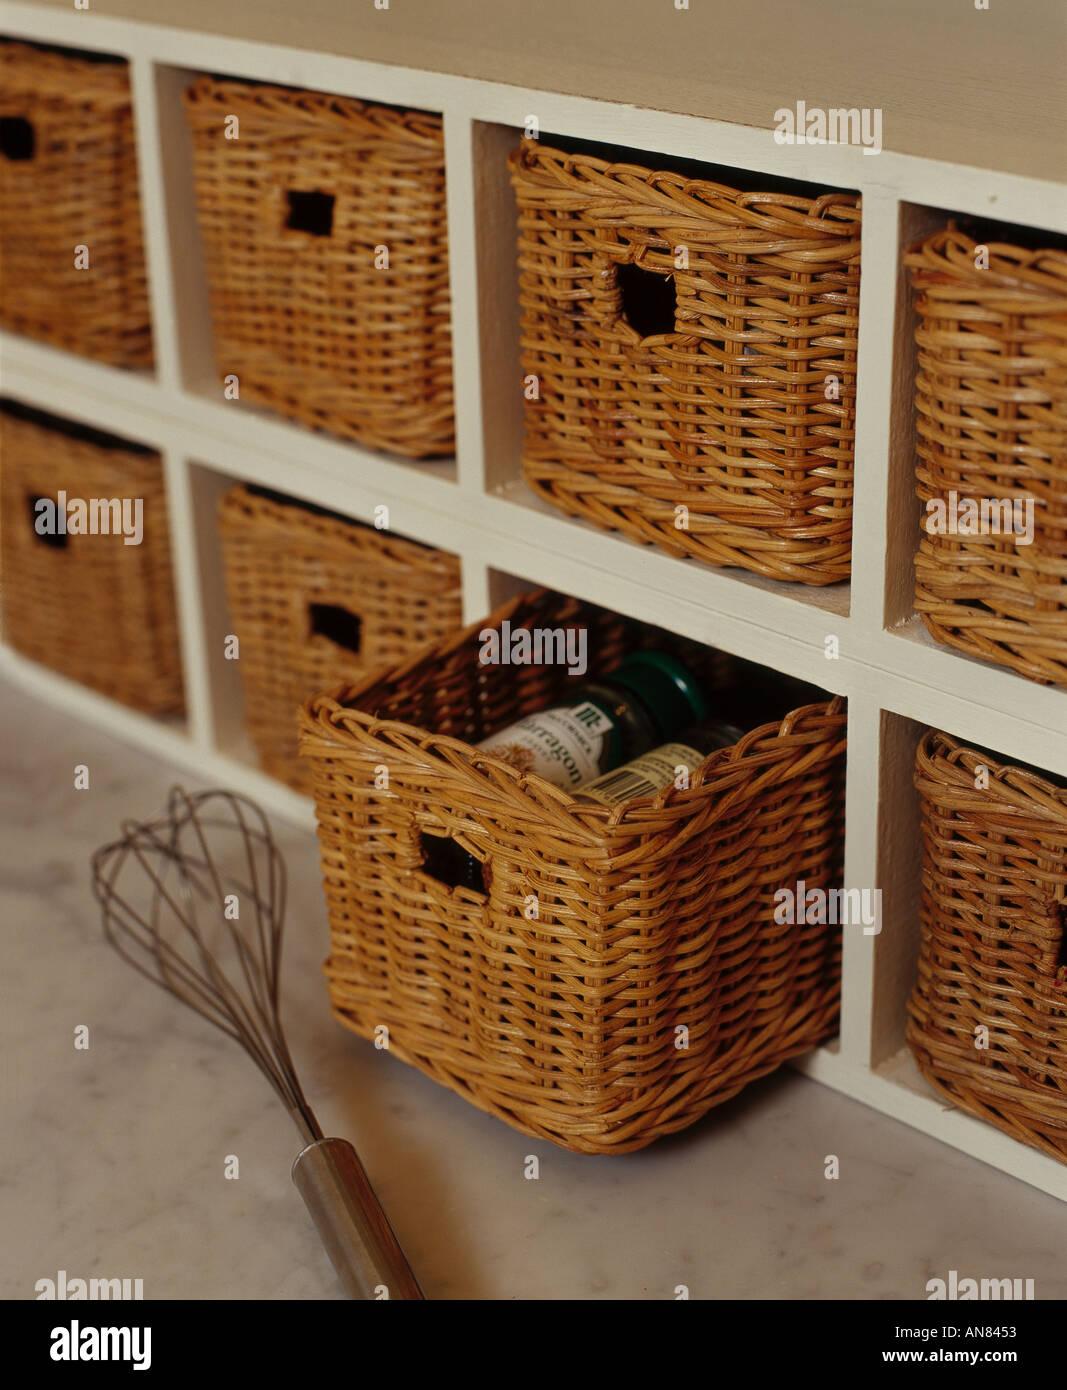 Wicker kitchen storage baskets Stock Photo: 1410130 - Alamy